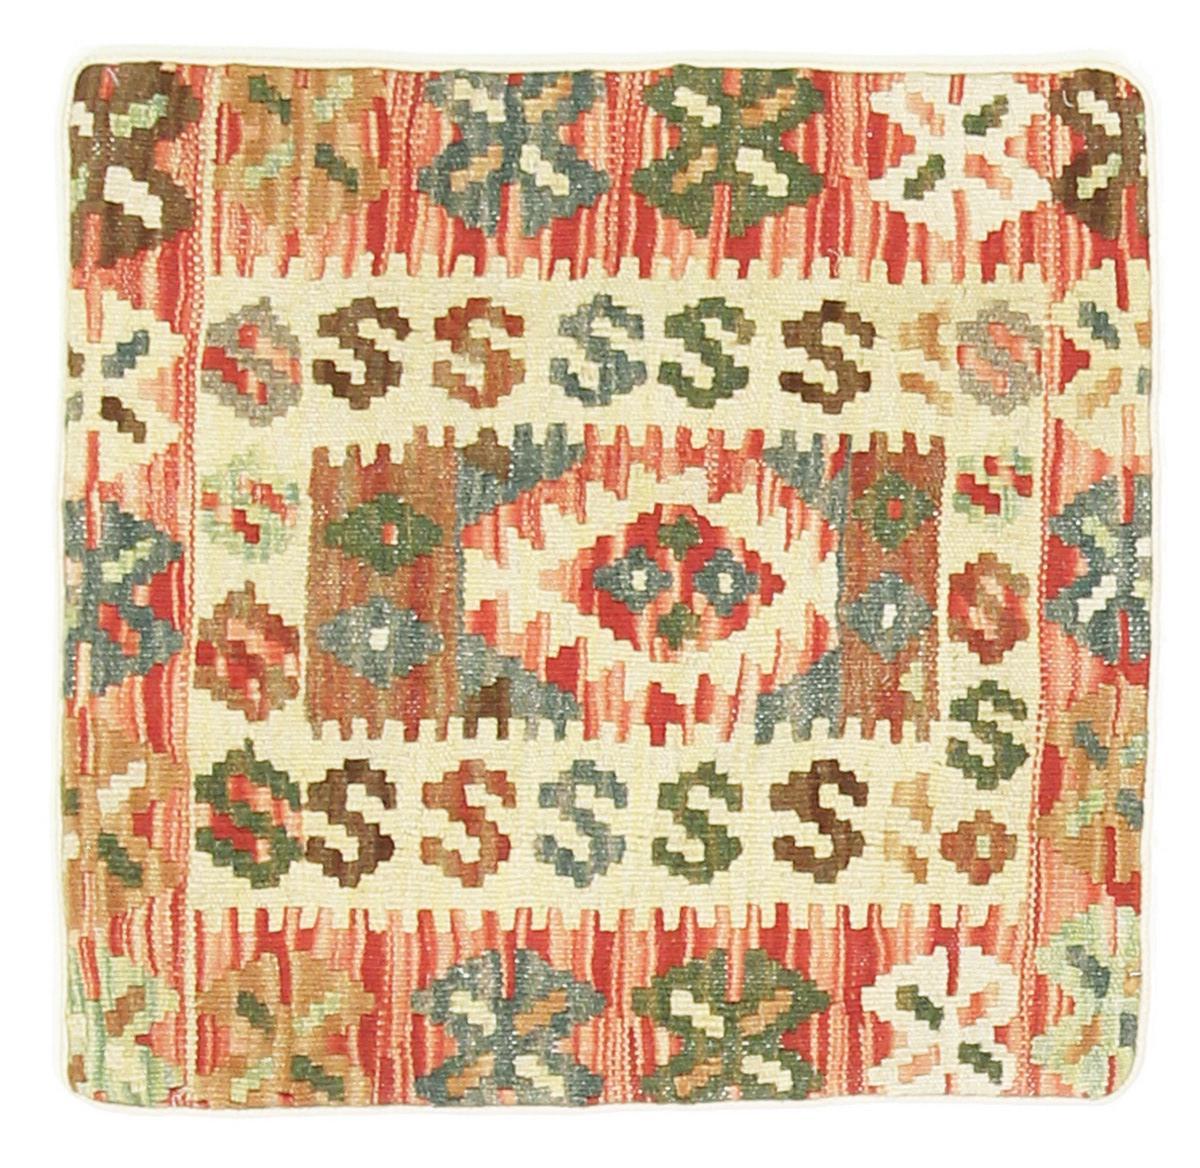 kelim kissen afghanischer teppich 50x50 id16928 kaufen sie ihren orientteppich kelim teppich. Black Bedroom Furniture Sets. Home Design Ideas